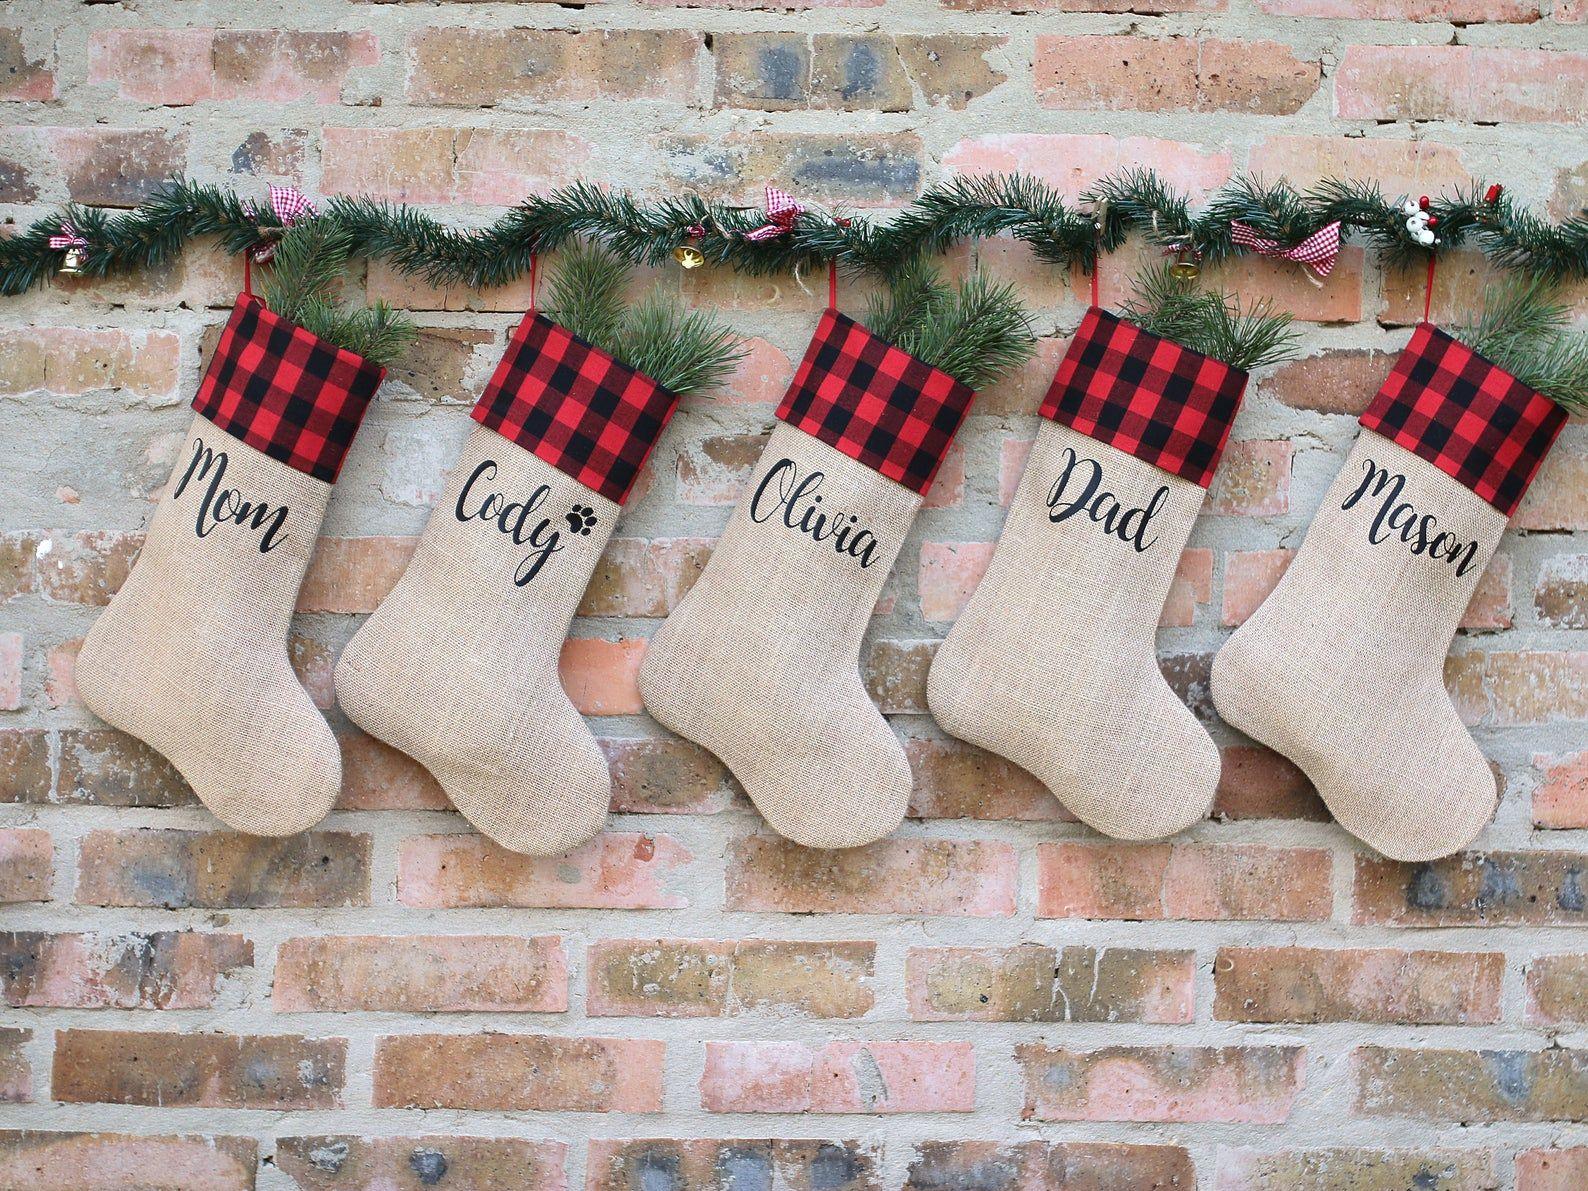 Buffalo Christmas Stockings Personalized Christmas Stockings Etsy Christmas Stockings Christmas Stockings Personalized Red Christmas Stockings